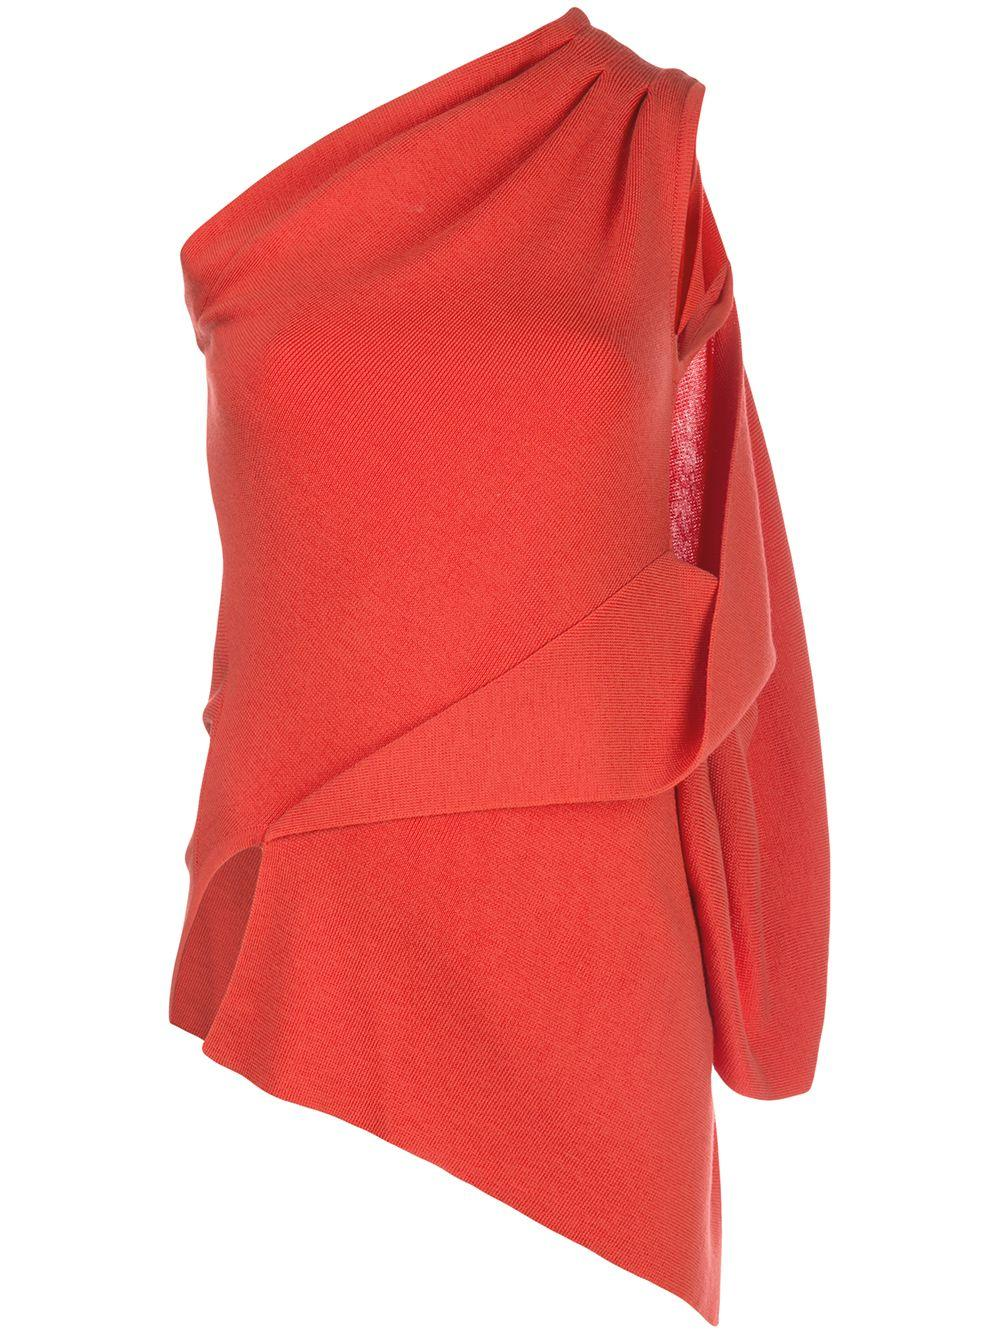 One Shoulder Drape Knit Item # MS200104HAR